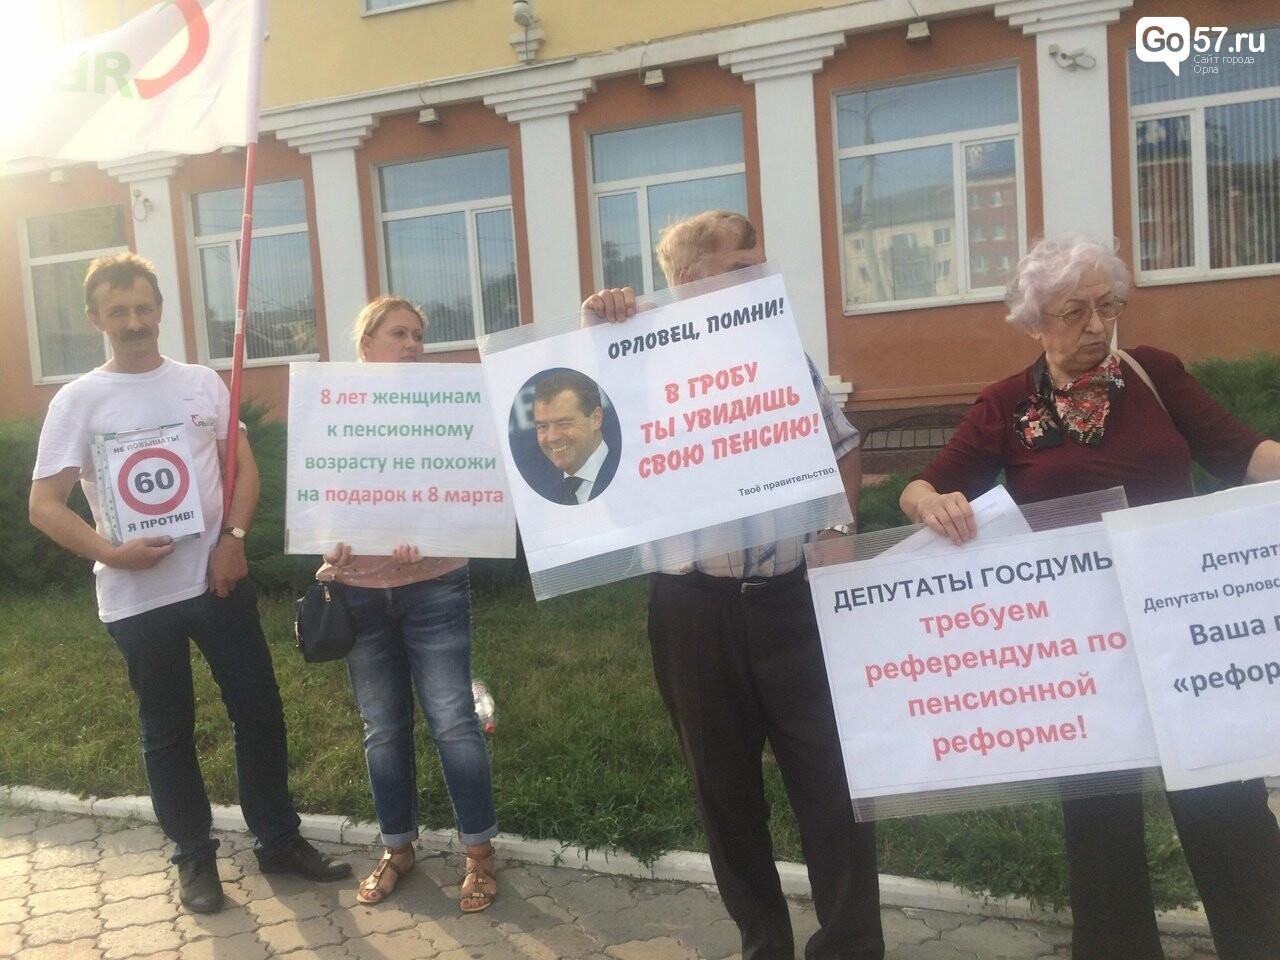 Орловцы продолжают выступать против повышения пенсионного возраста, фото-3